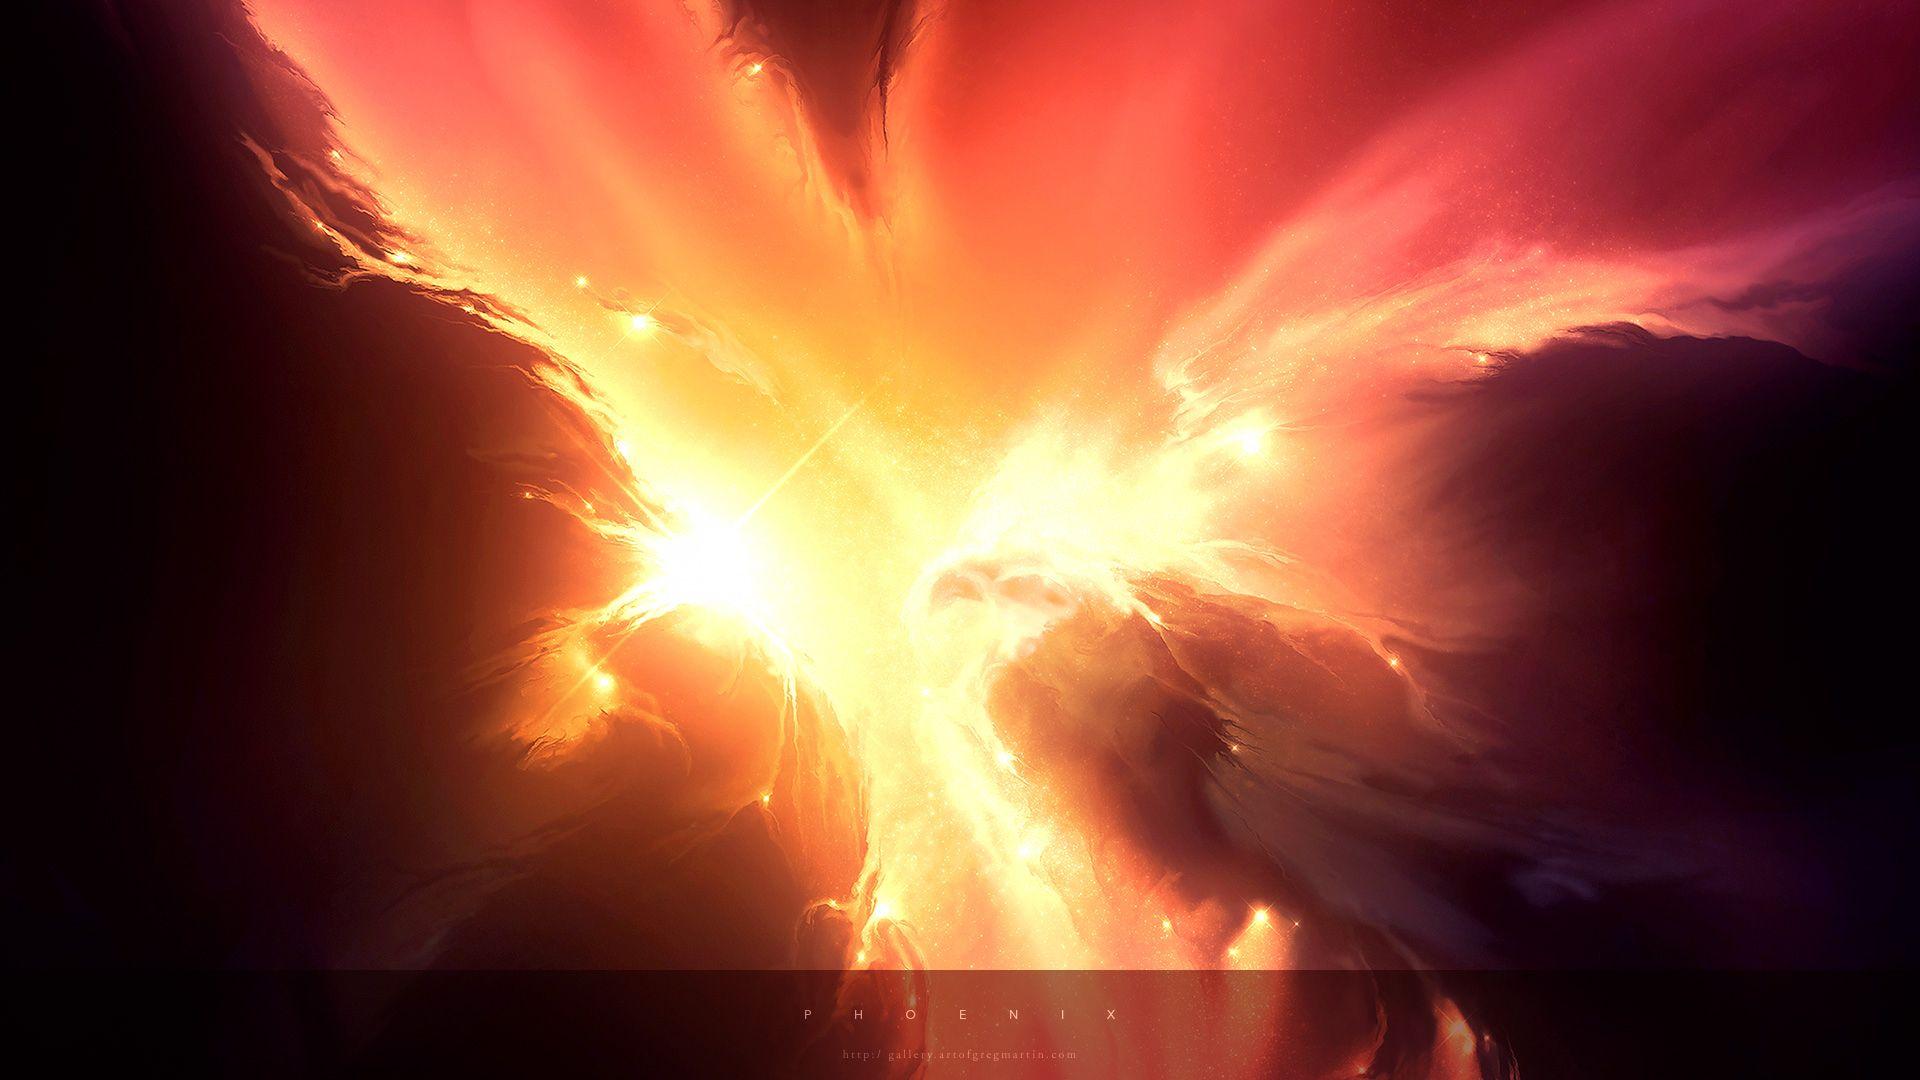 phoenix fd nebula - photo #1